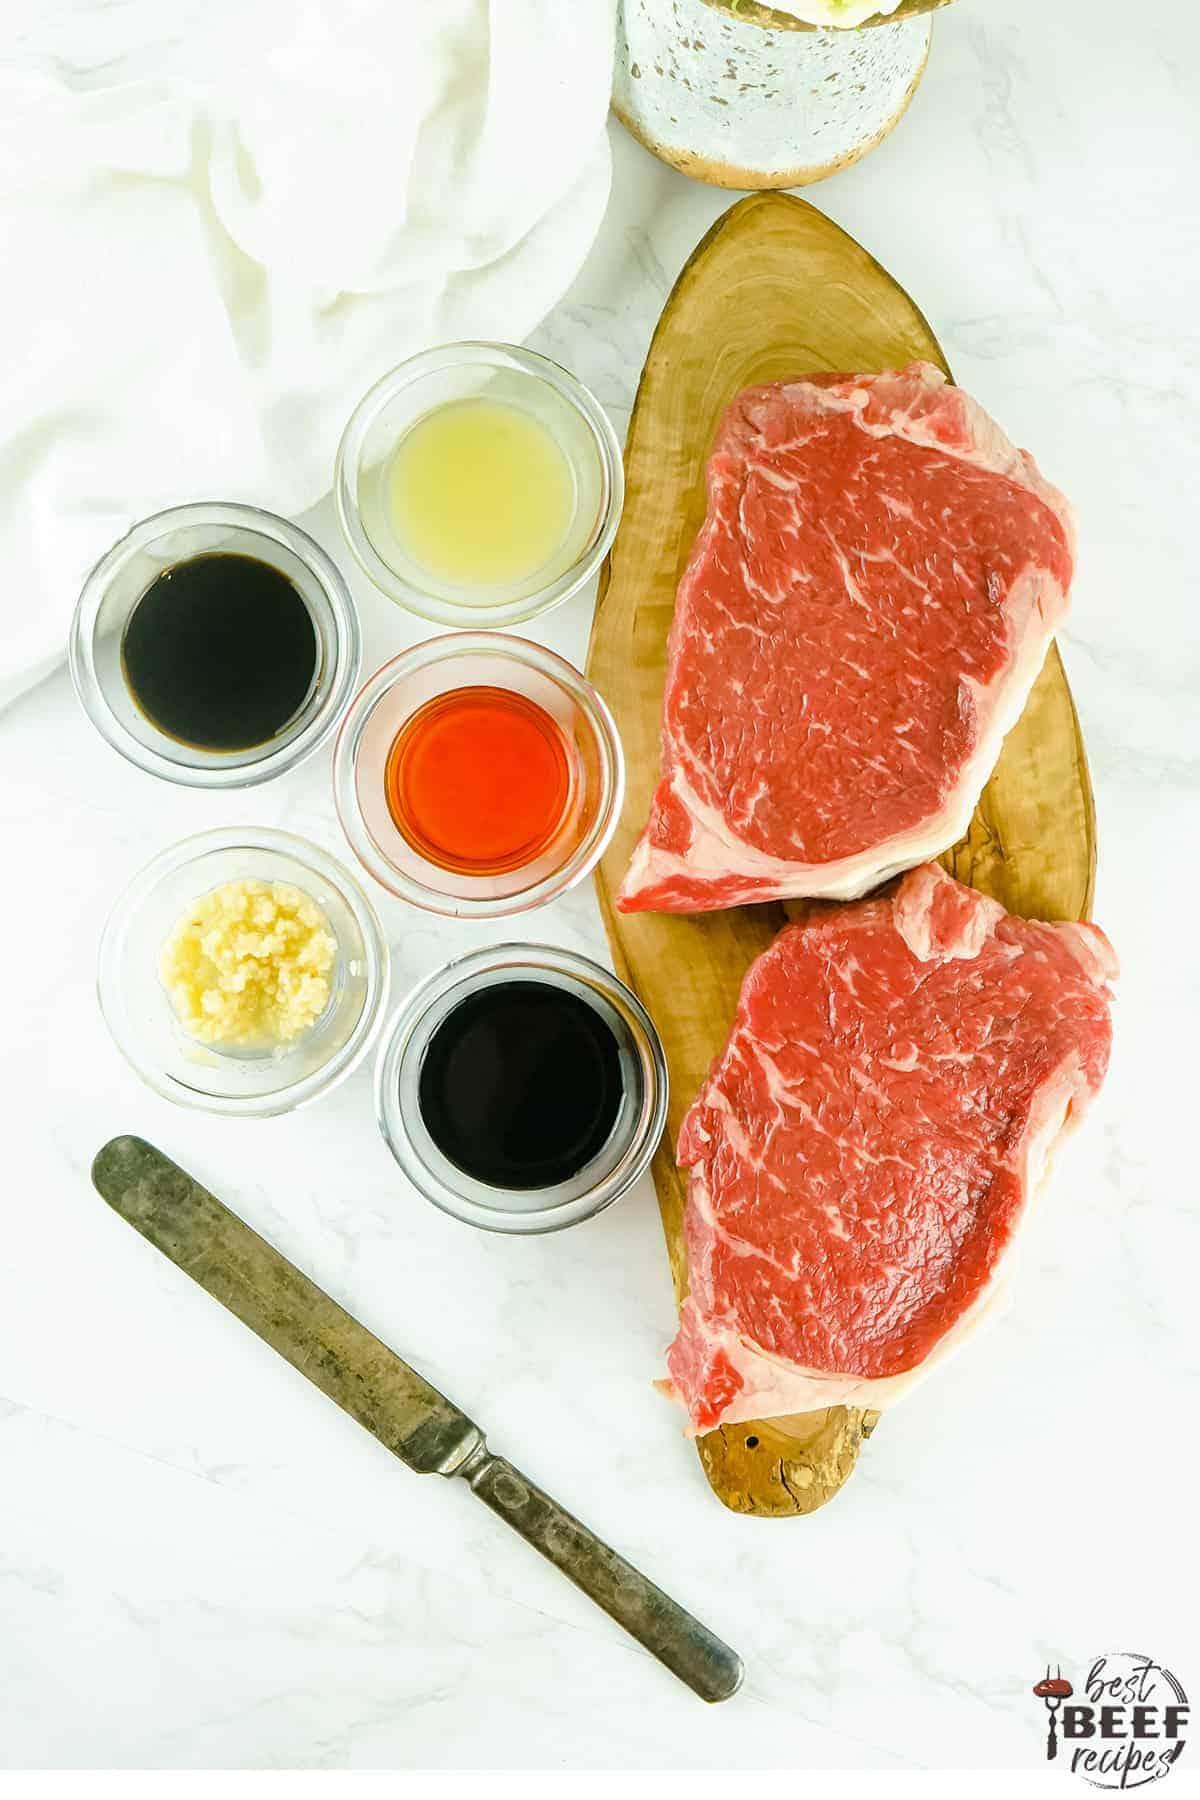 Strip steak next to marinade ingredients